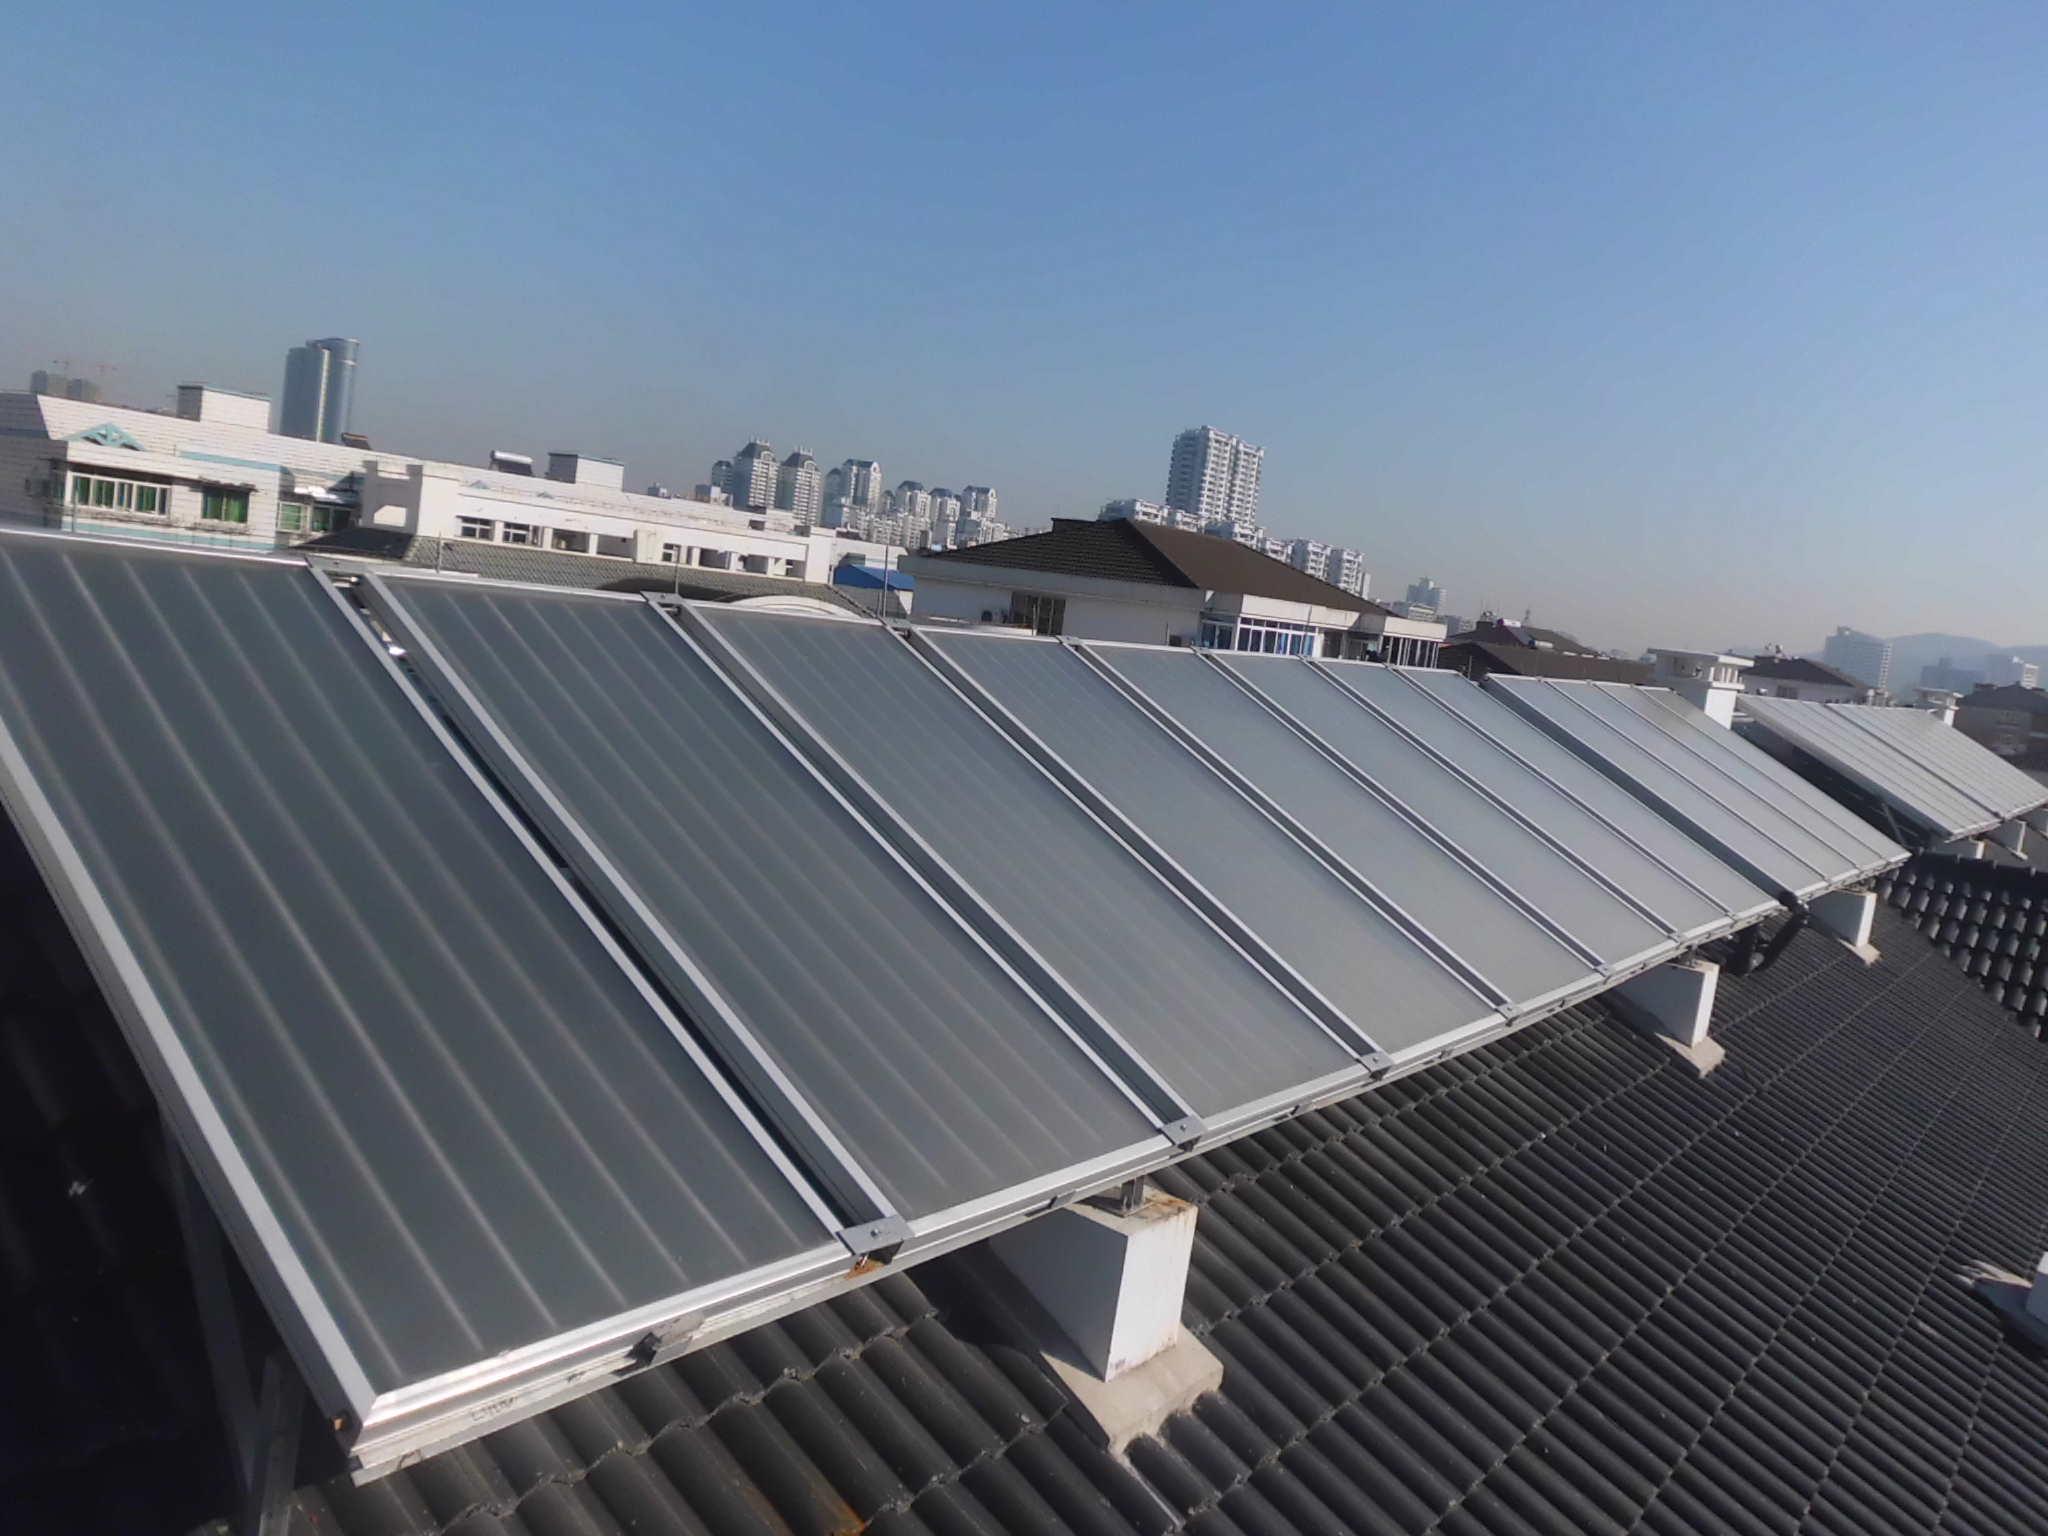 艾普利太阳能热水器 阳台壁挂式太阳能工程 18858686377